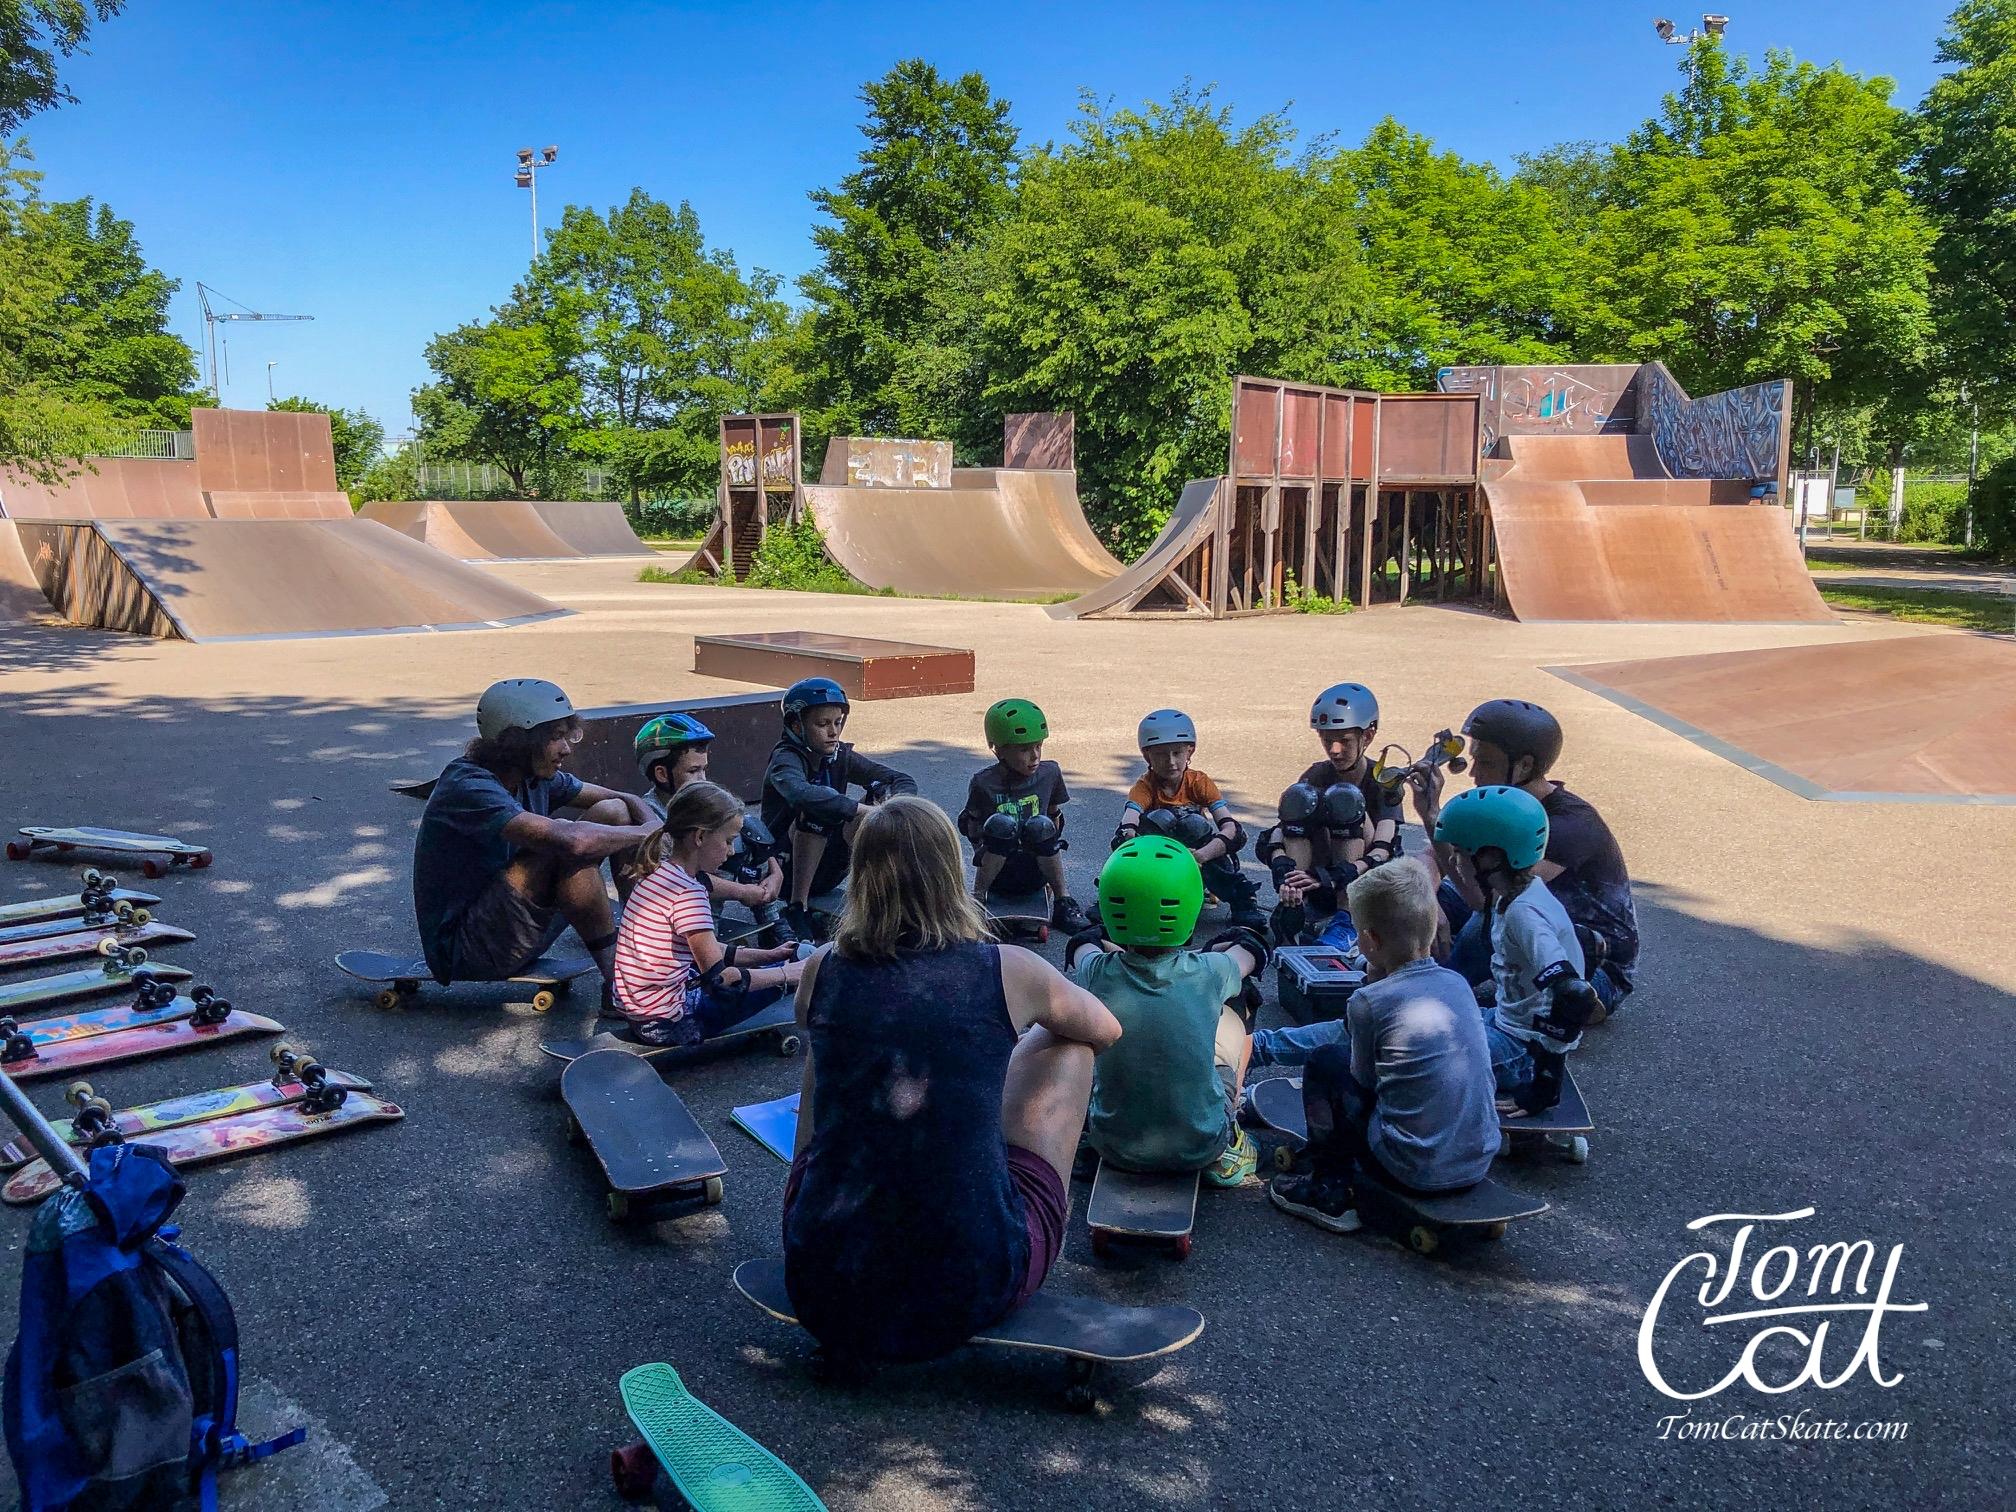 Skatepark Vaterstetten Skaten lernen Skateboardkurs Vaterstetten Skatepark.jpg